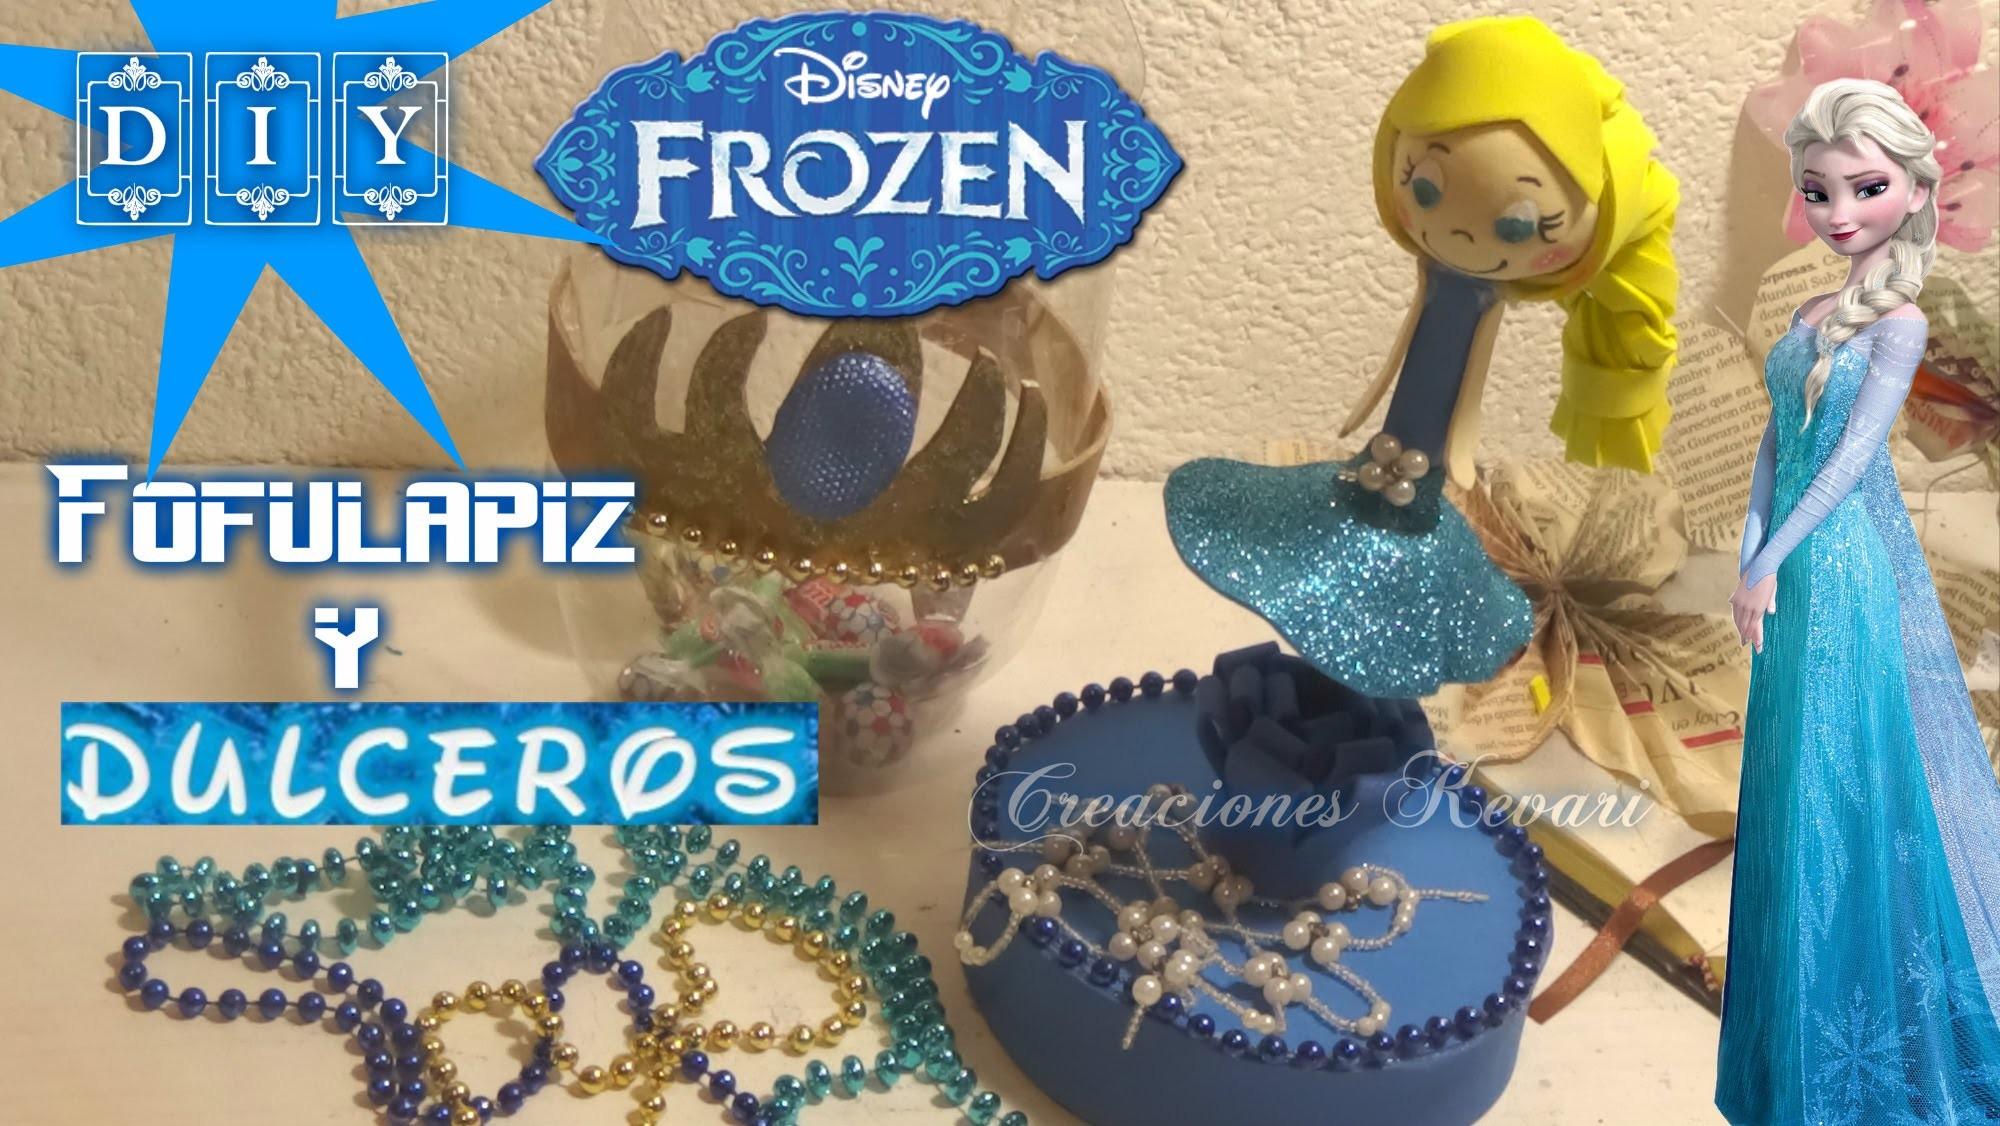 Fofucha fofuLapiz Dulcero Elsa Frozen   RecicladoBotella Plastica. Frozen's Elsa Candy Bag